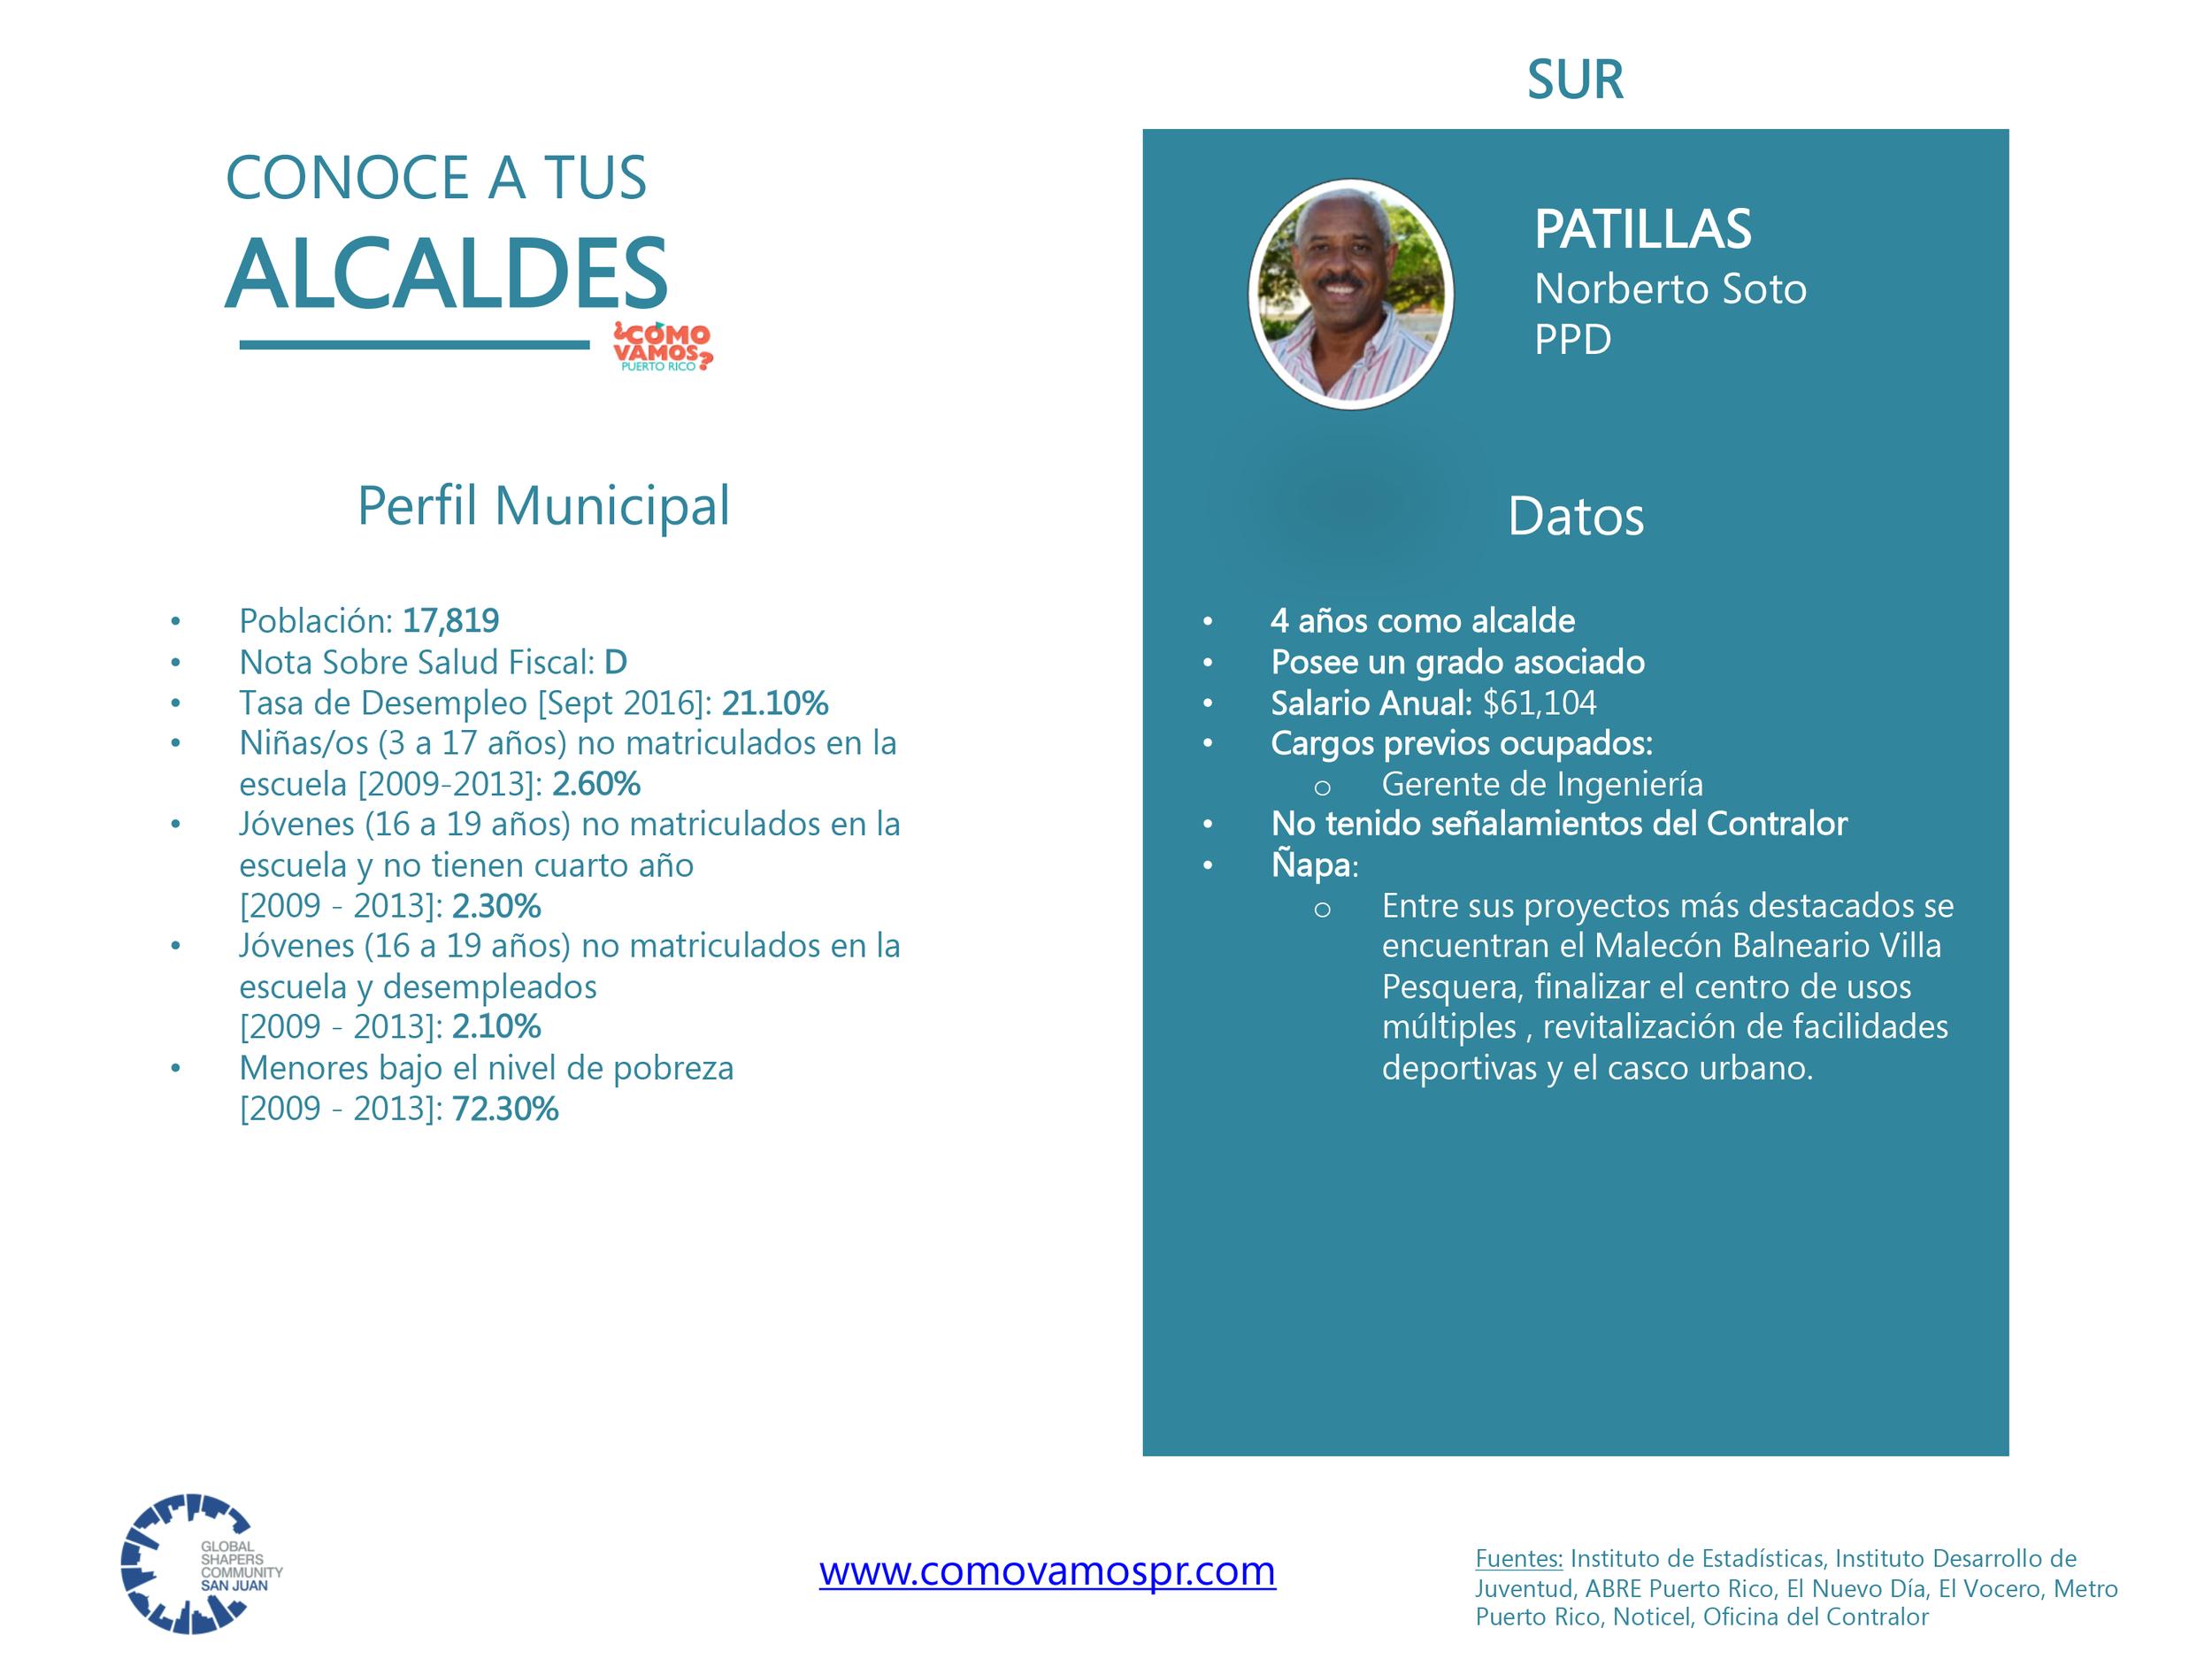 Alcaldes_Sur-Patillas.png